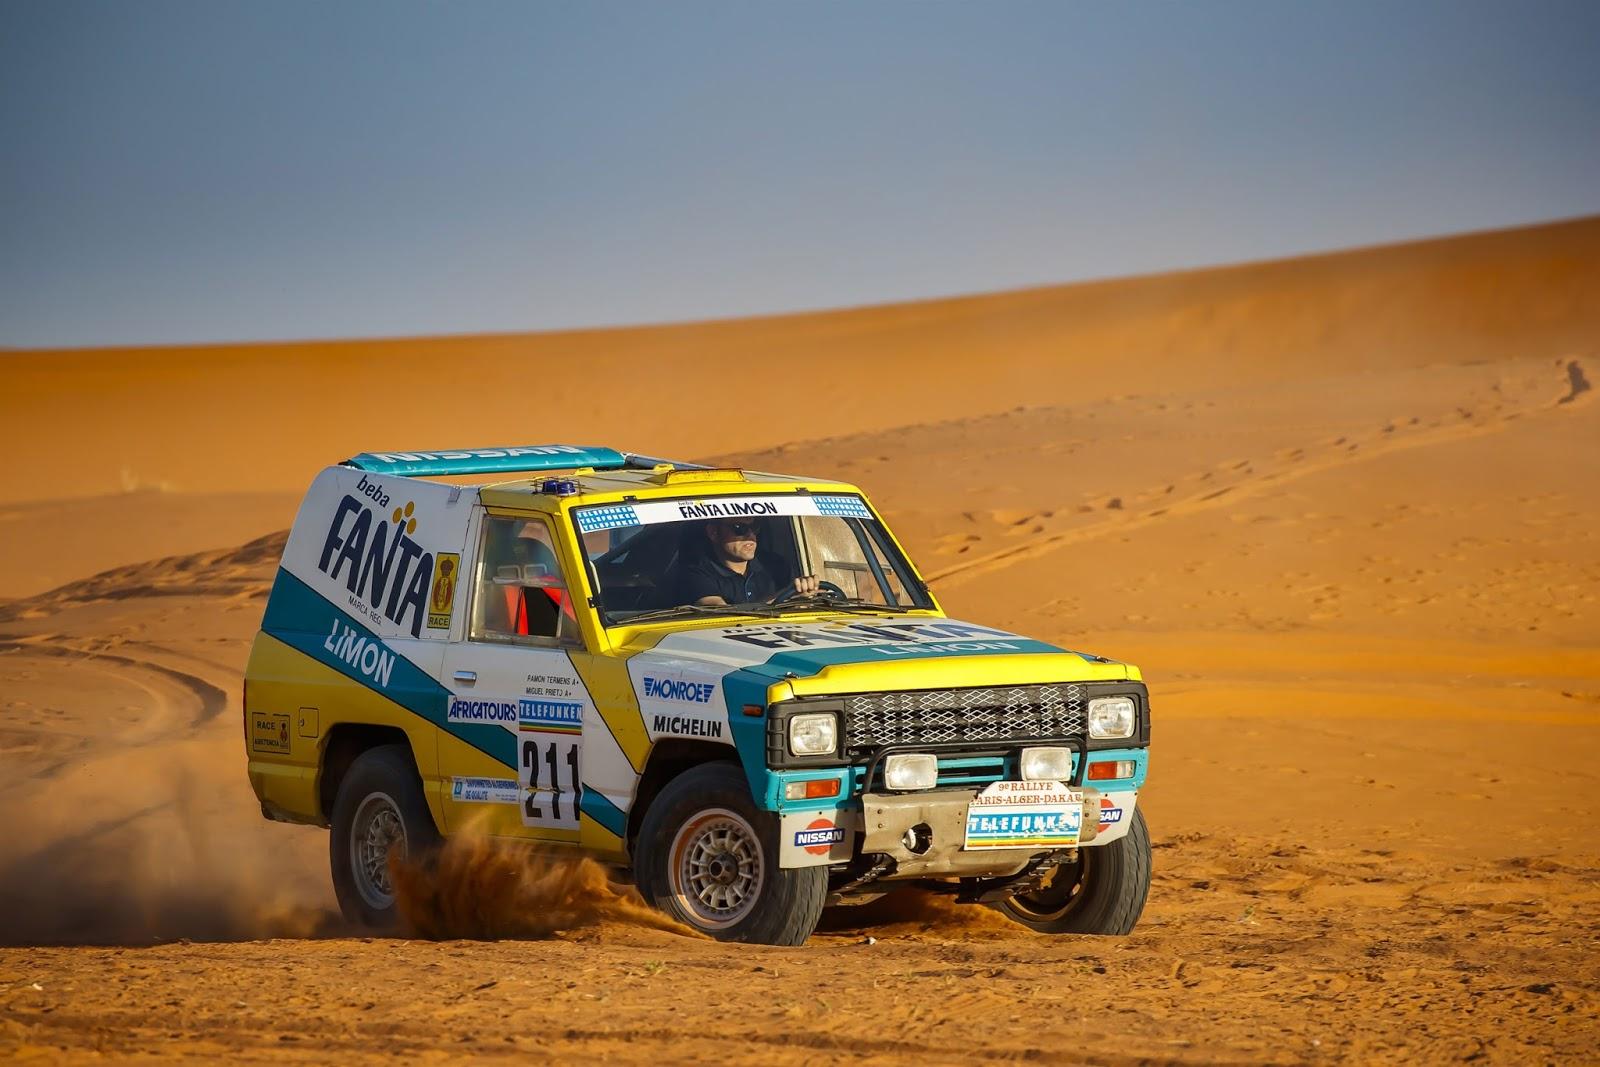 Patrol1 Η Nissan δίνει και πάλι ζωή στο θρυλικό Patrol του 1987, που έτρεξε στο rally Paris – Dakar Nissan, Nissan Patrol, Nissan Patrol Fanta Limon, Offroad, Rally Dakar, Rally Paris – Dakar, videos